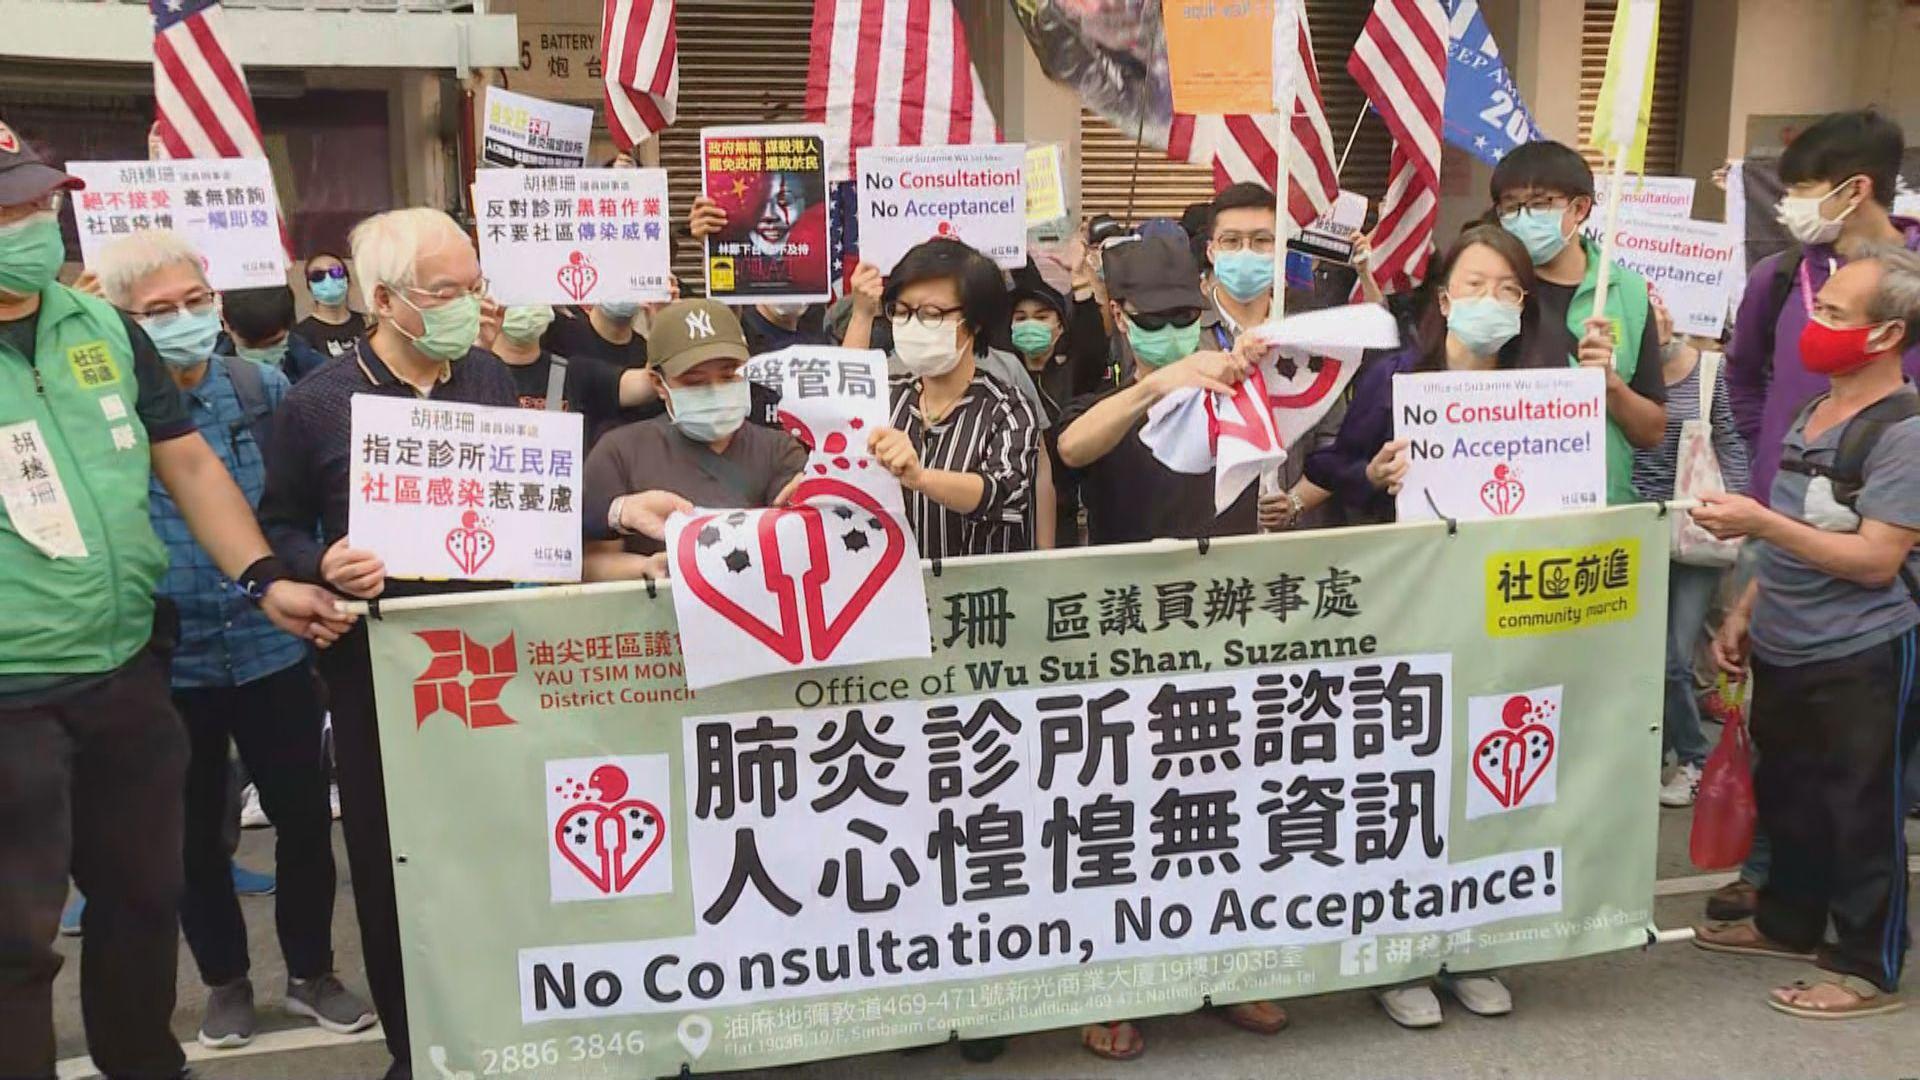 油麻地居民遊行不滿政府未經諮詢於區內設指定診所